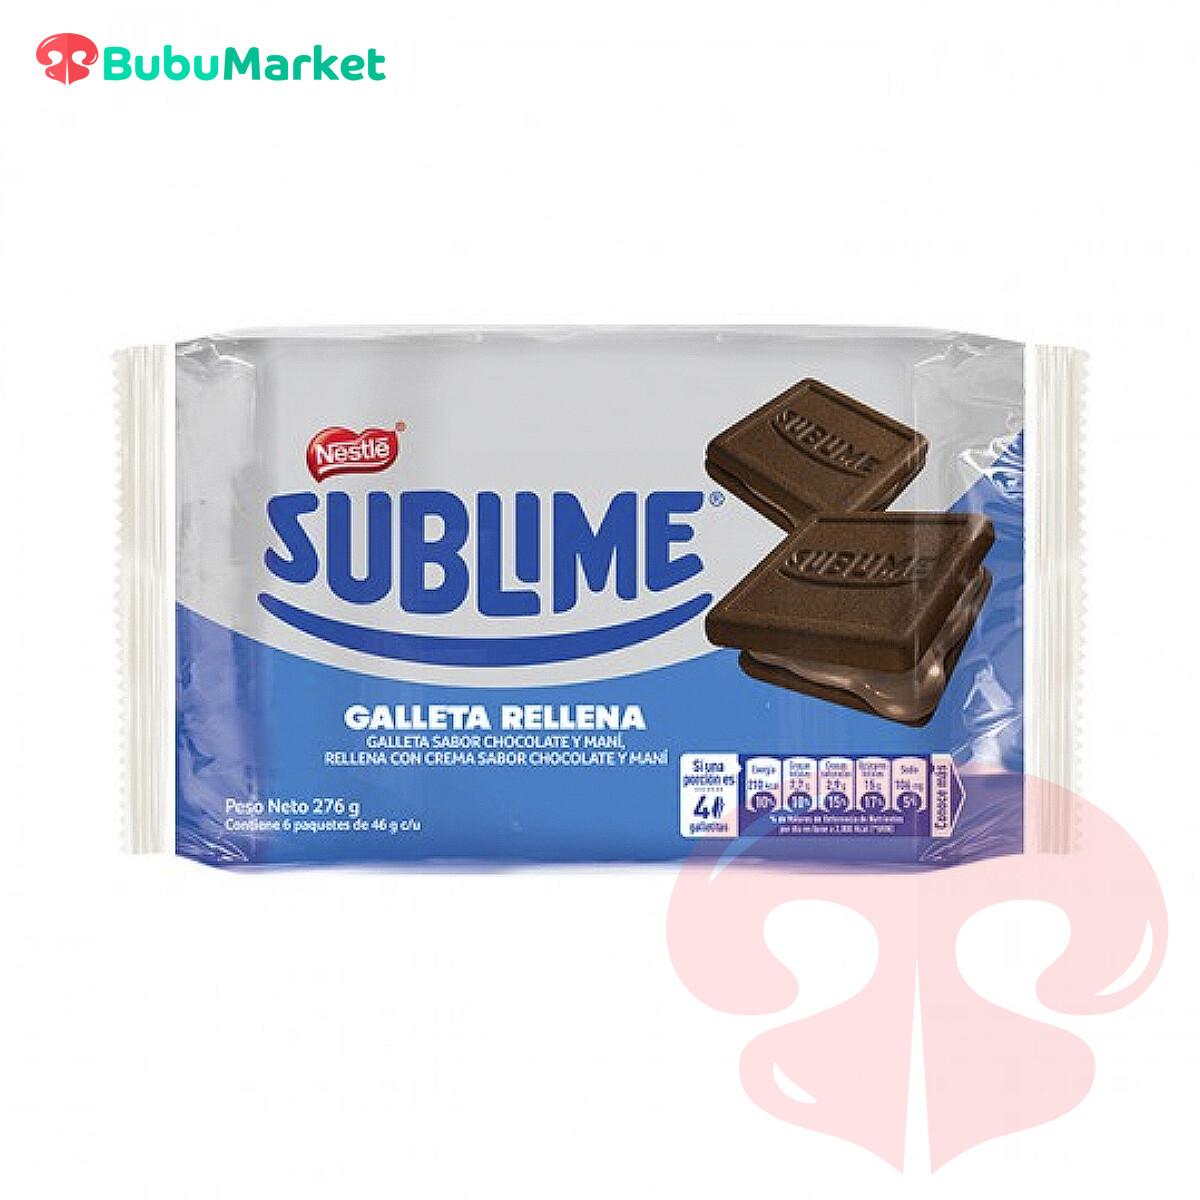 GALLETAS RELLENAS SUBLIME NESTLE SABOR CHOCOLATE Y MANI 276 GR.